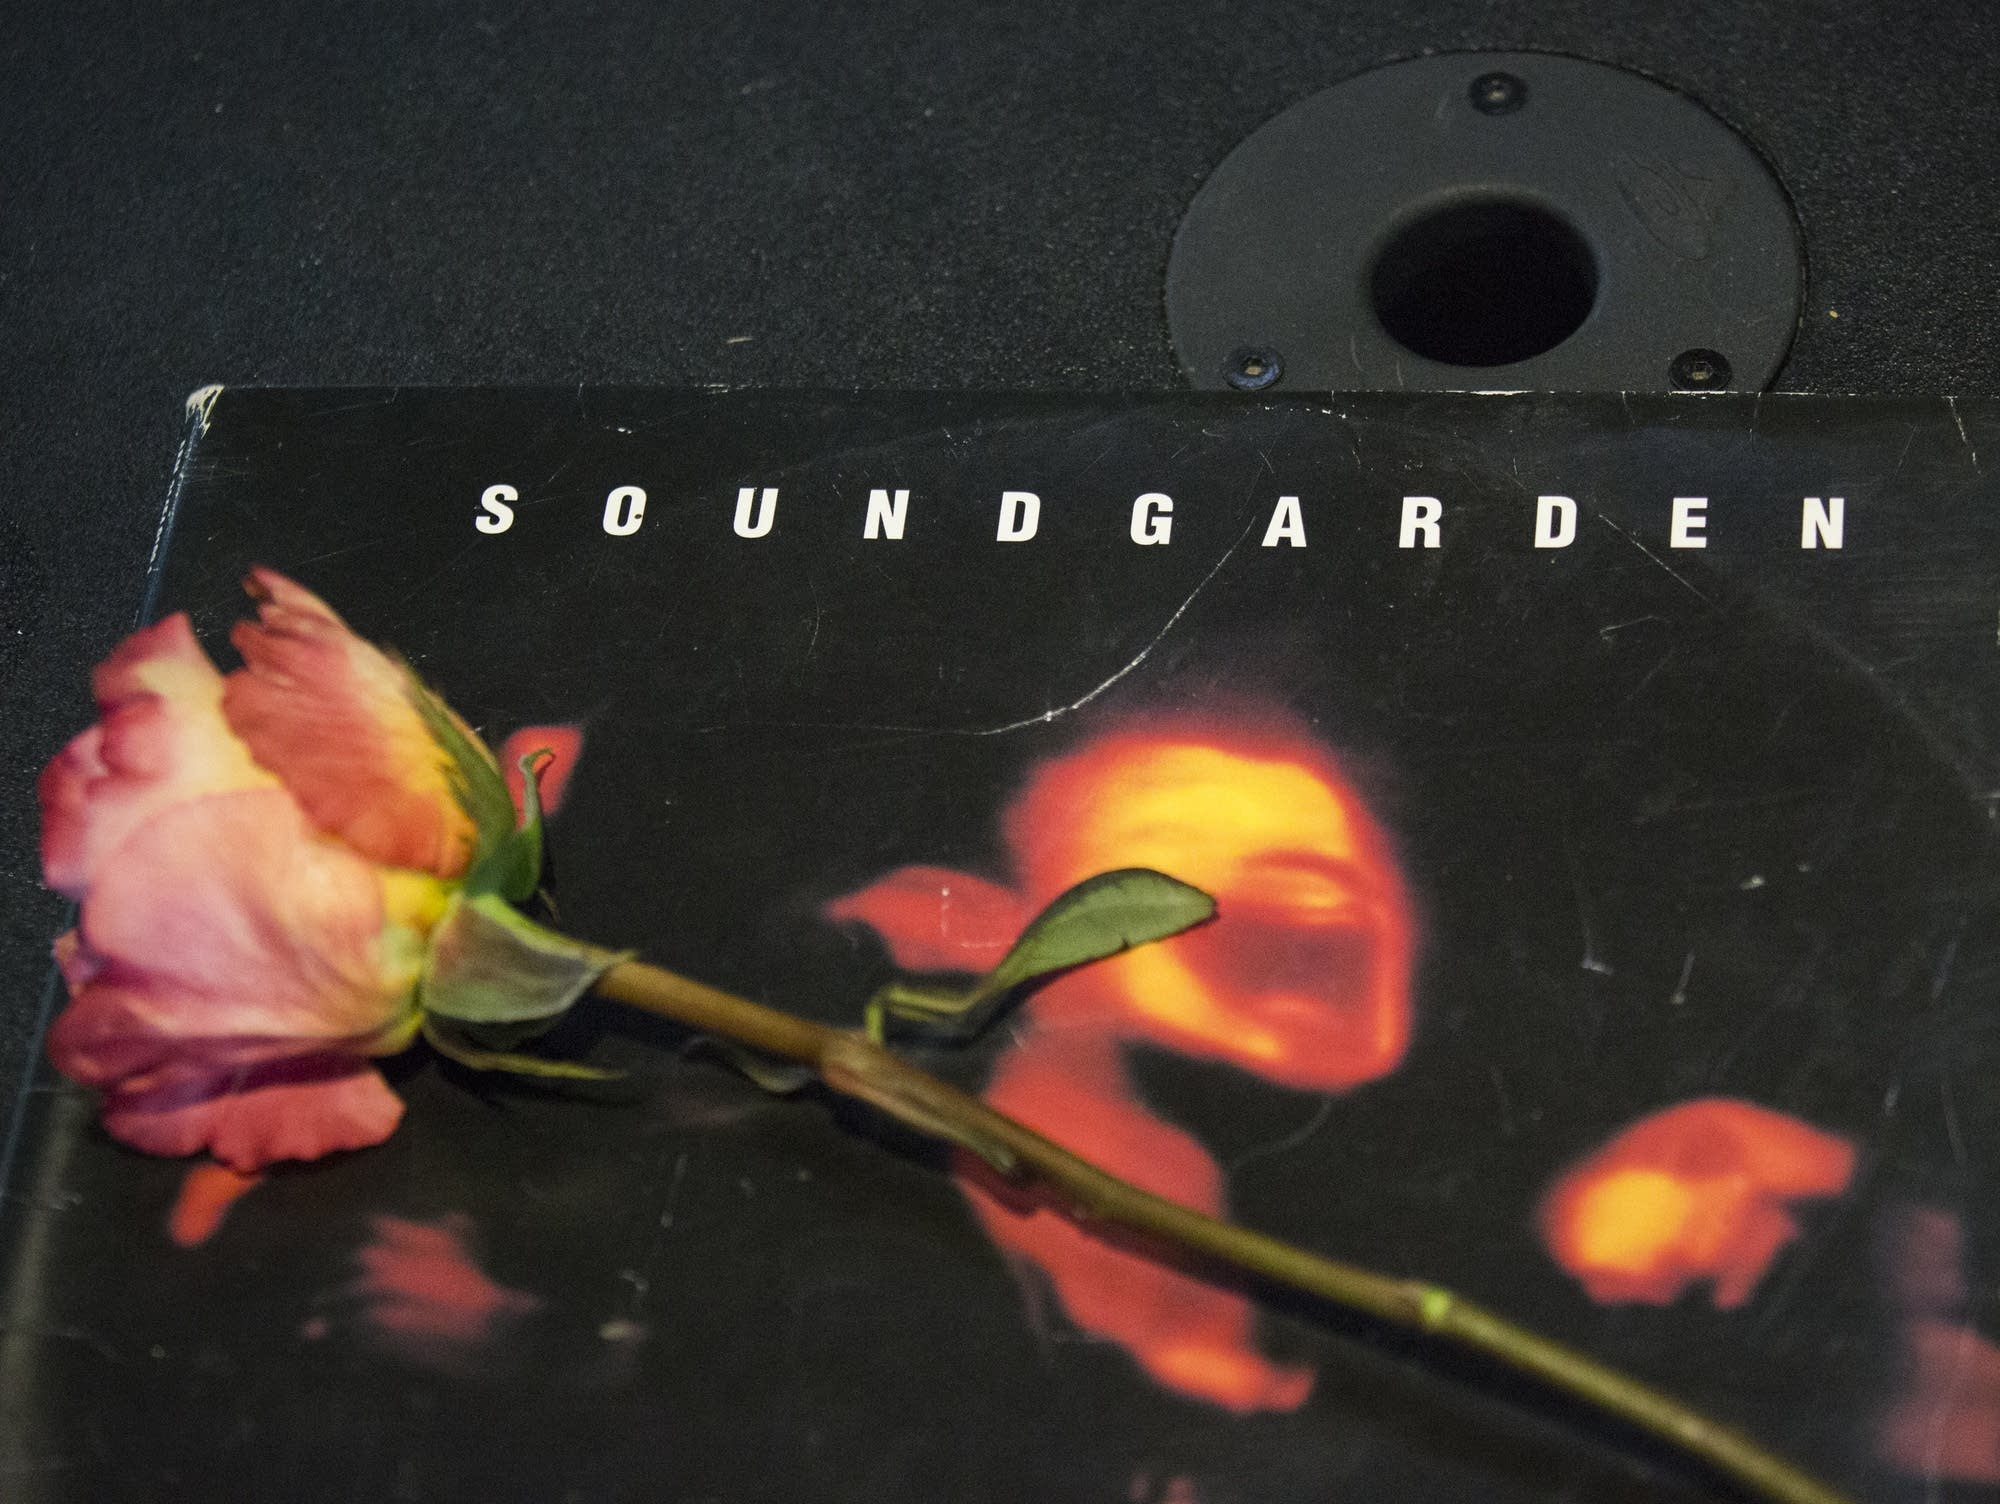 A rose sits atop a Soundgarden album during a Chris Cornell memorial